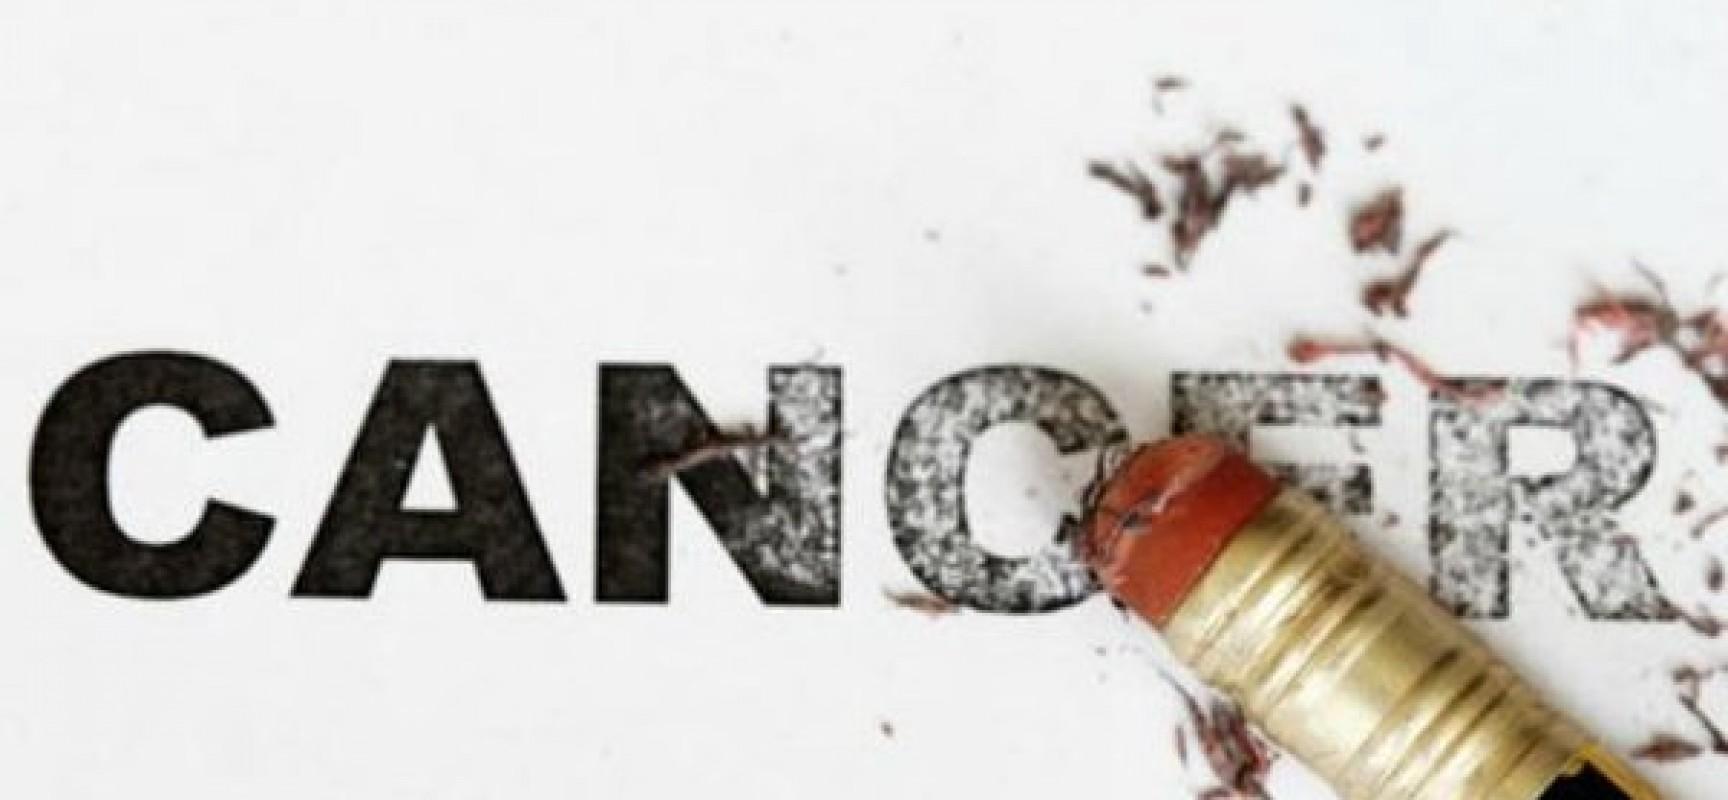 Καρκίνος του παχέος εντέρου: Ποιες είναι οι απαγορευμένες τροφές;